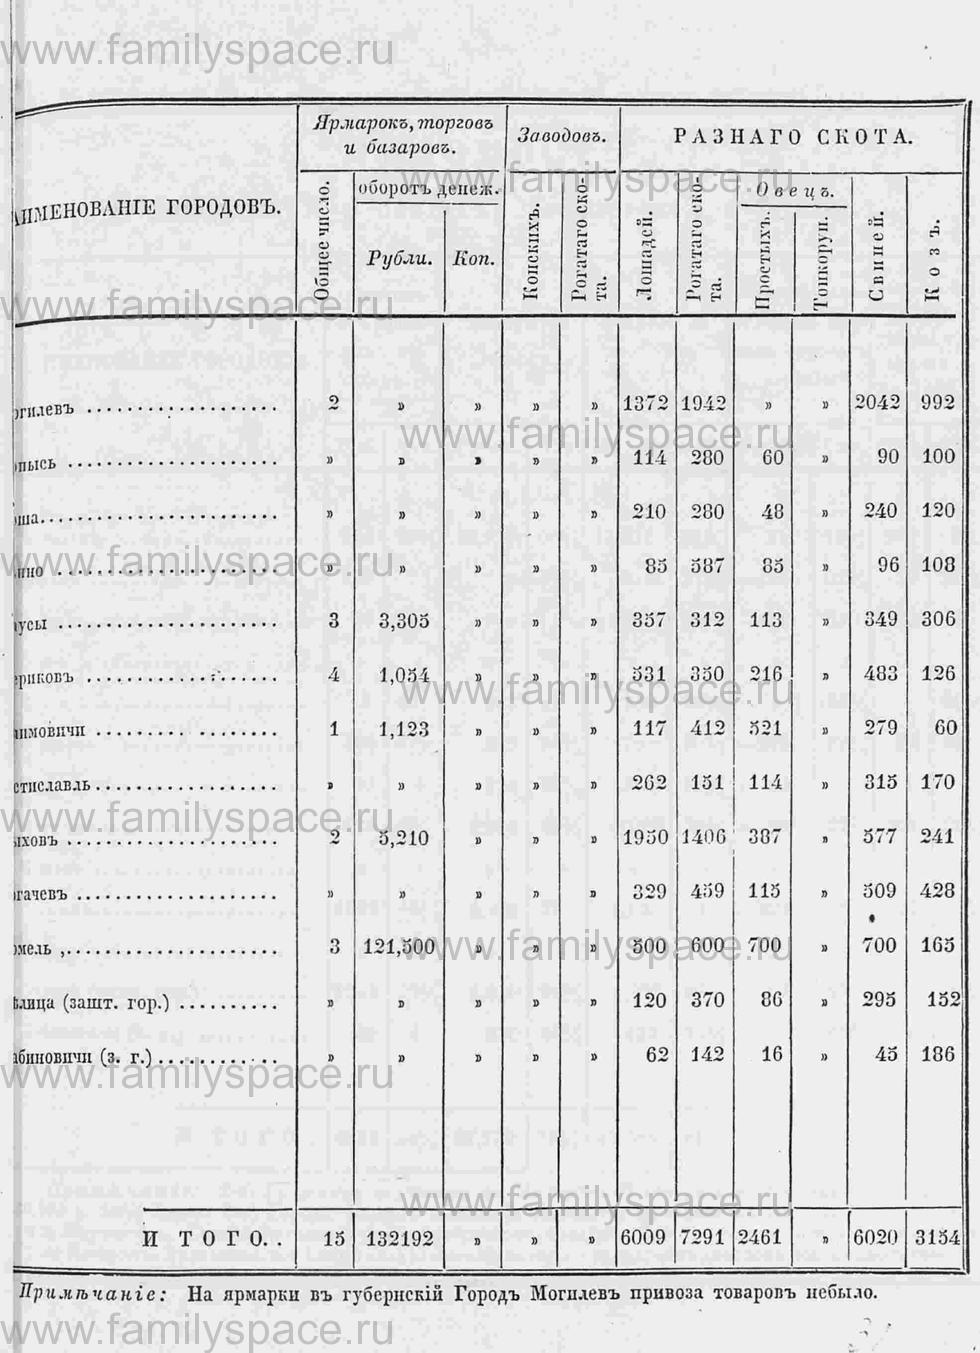 Поиск по фамилии - Памятная книга за 1853 год по Могилёвской губернии, страница 43